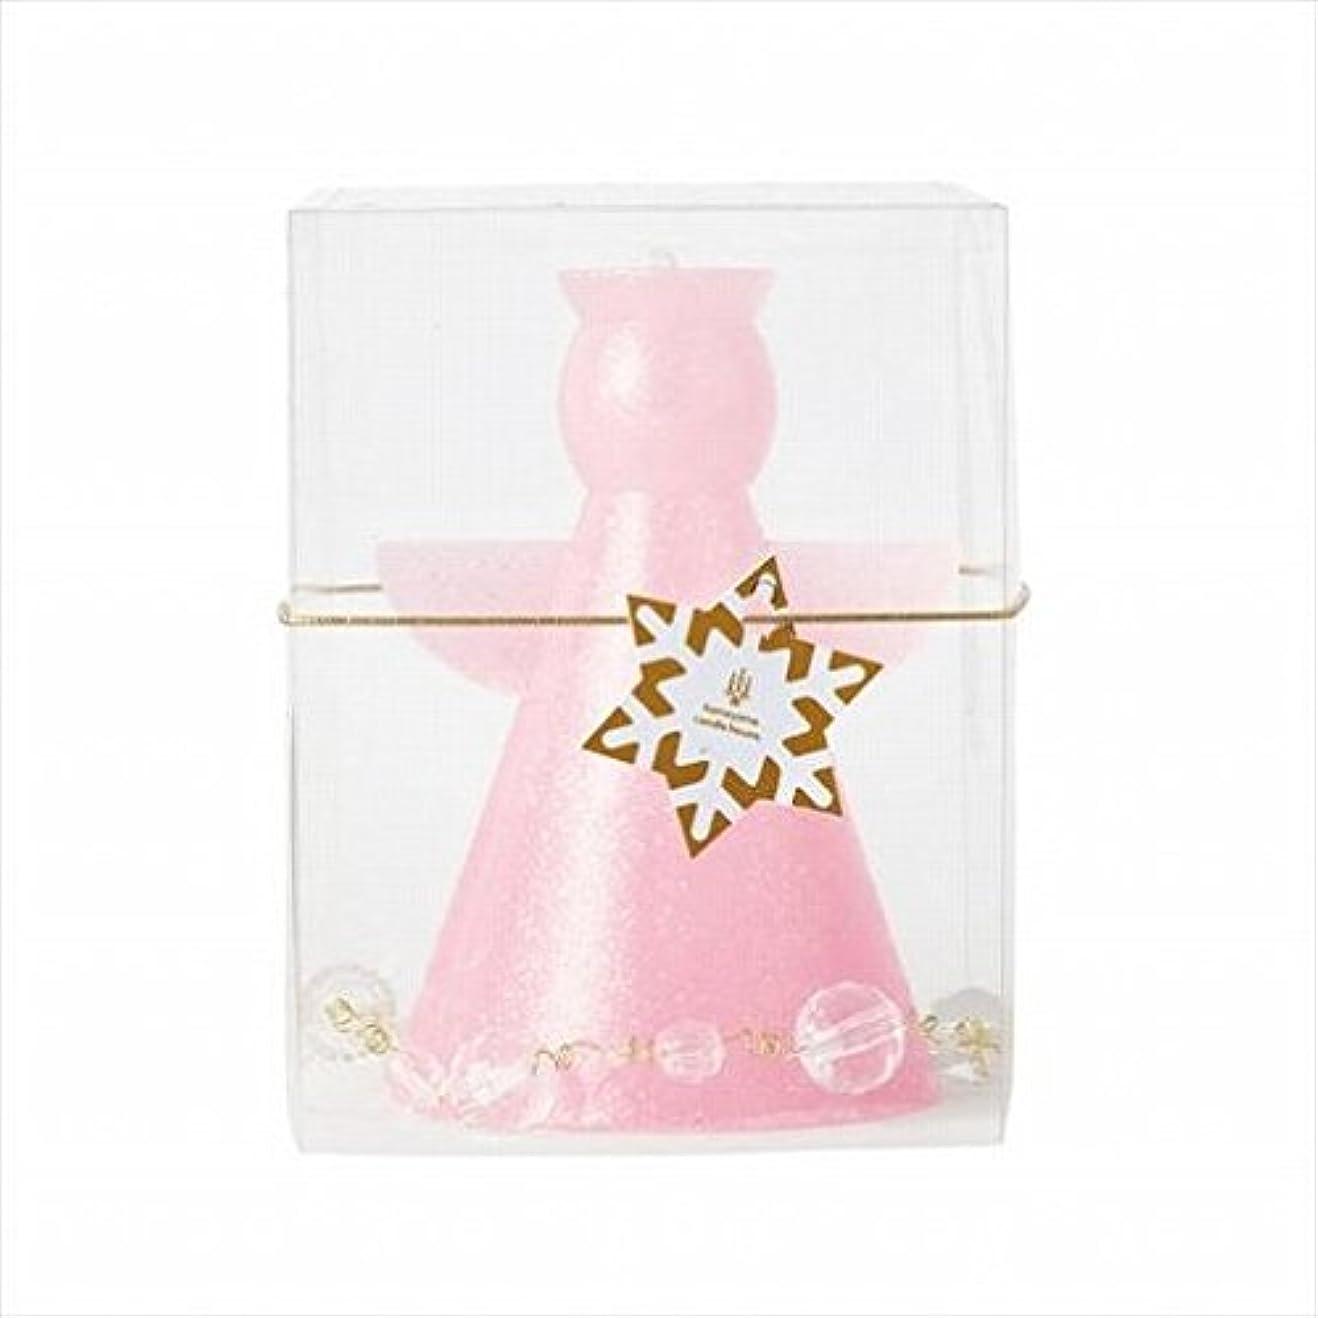 パット均等にスイkameyama candle(カメヤマキャンドル) クリスタルアンジェリカ 「 ピンク 」(A9580000P)